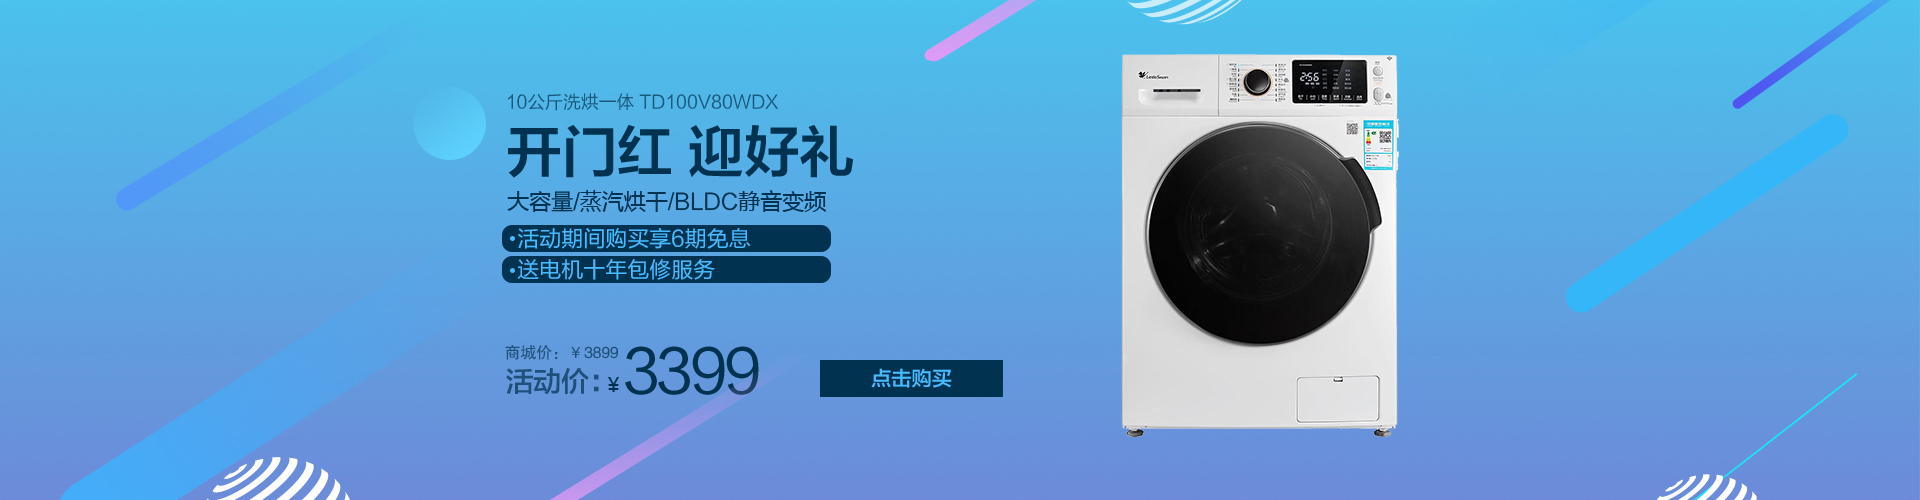 10公斤洗烘一体机 TD100V80WDX